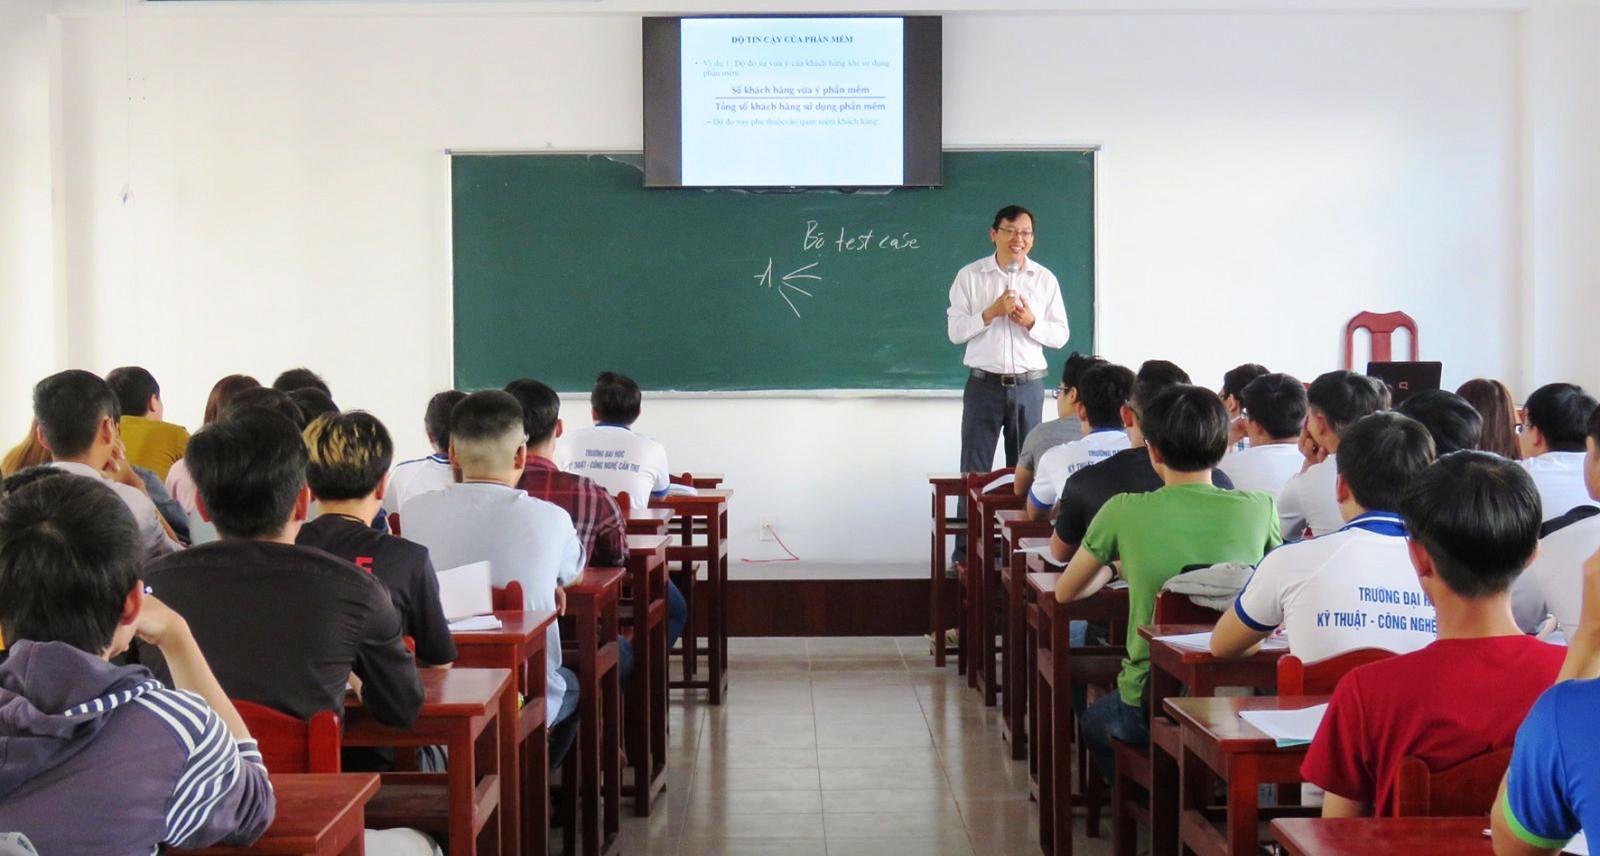 Sinh viên Trường Đại học Kỹ thuật- Công nghệ Cần Thơ trong giờ học.